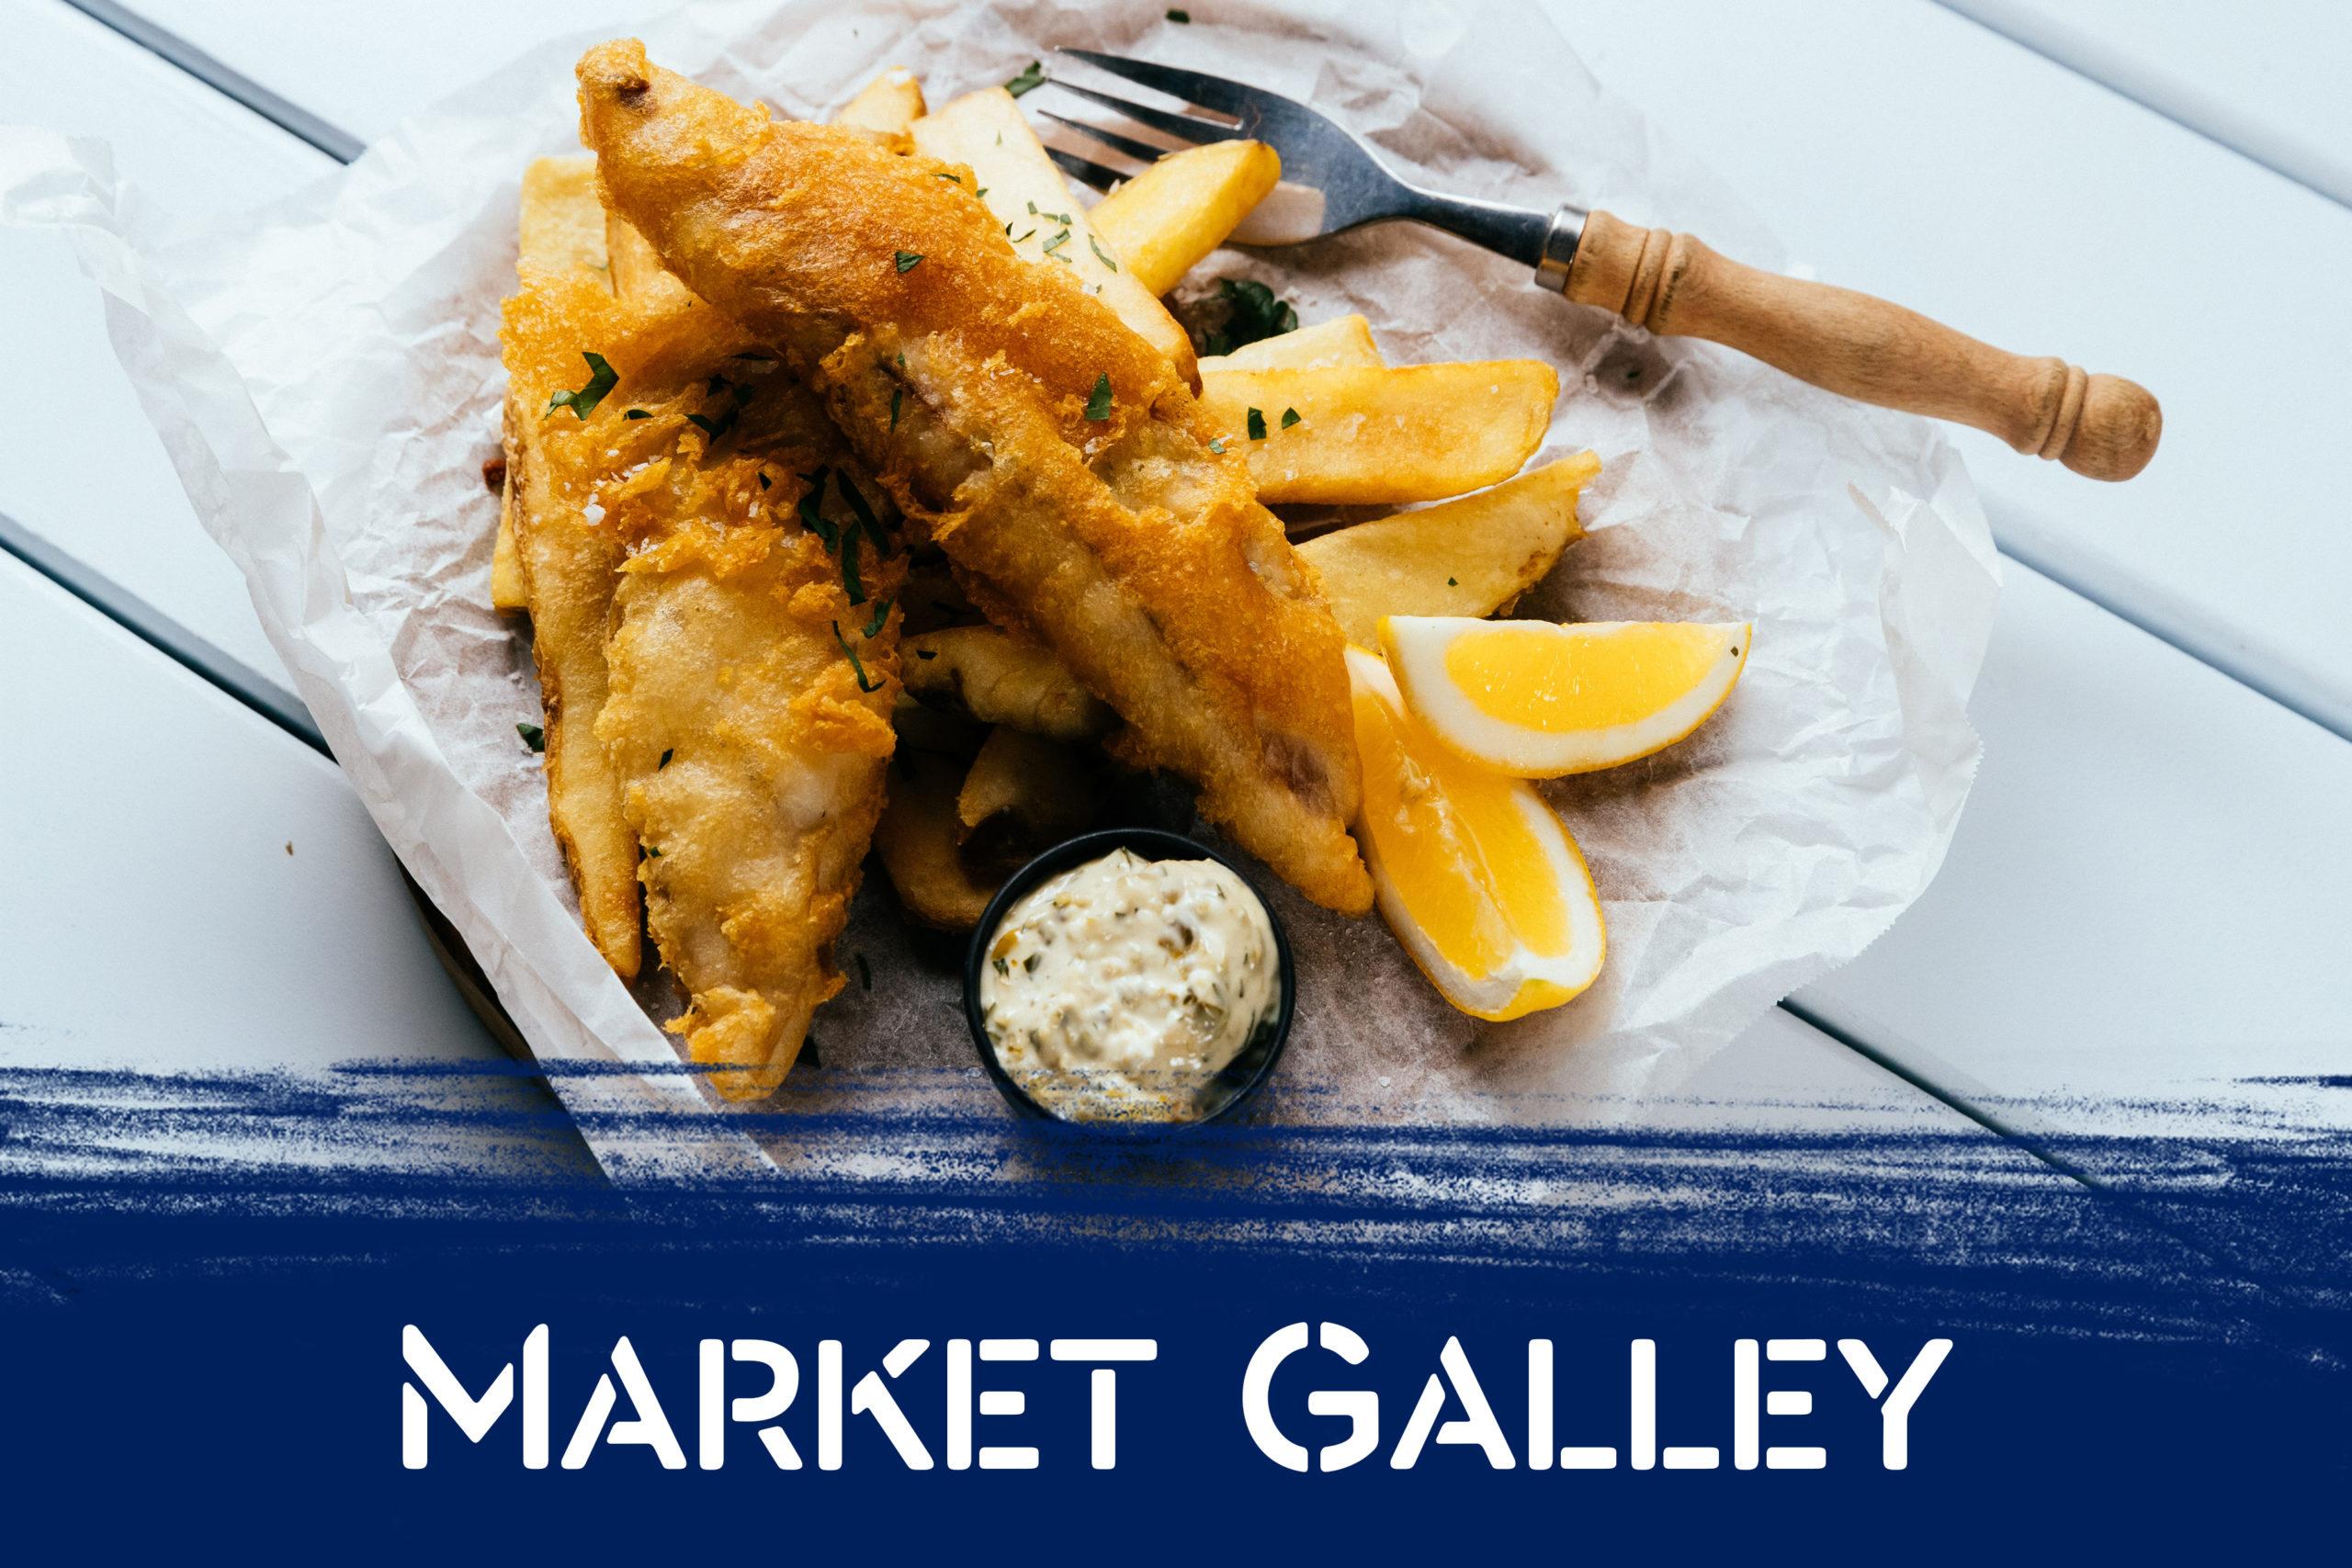 Order Market Galley online